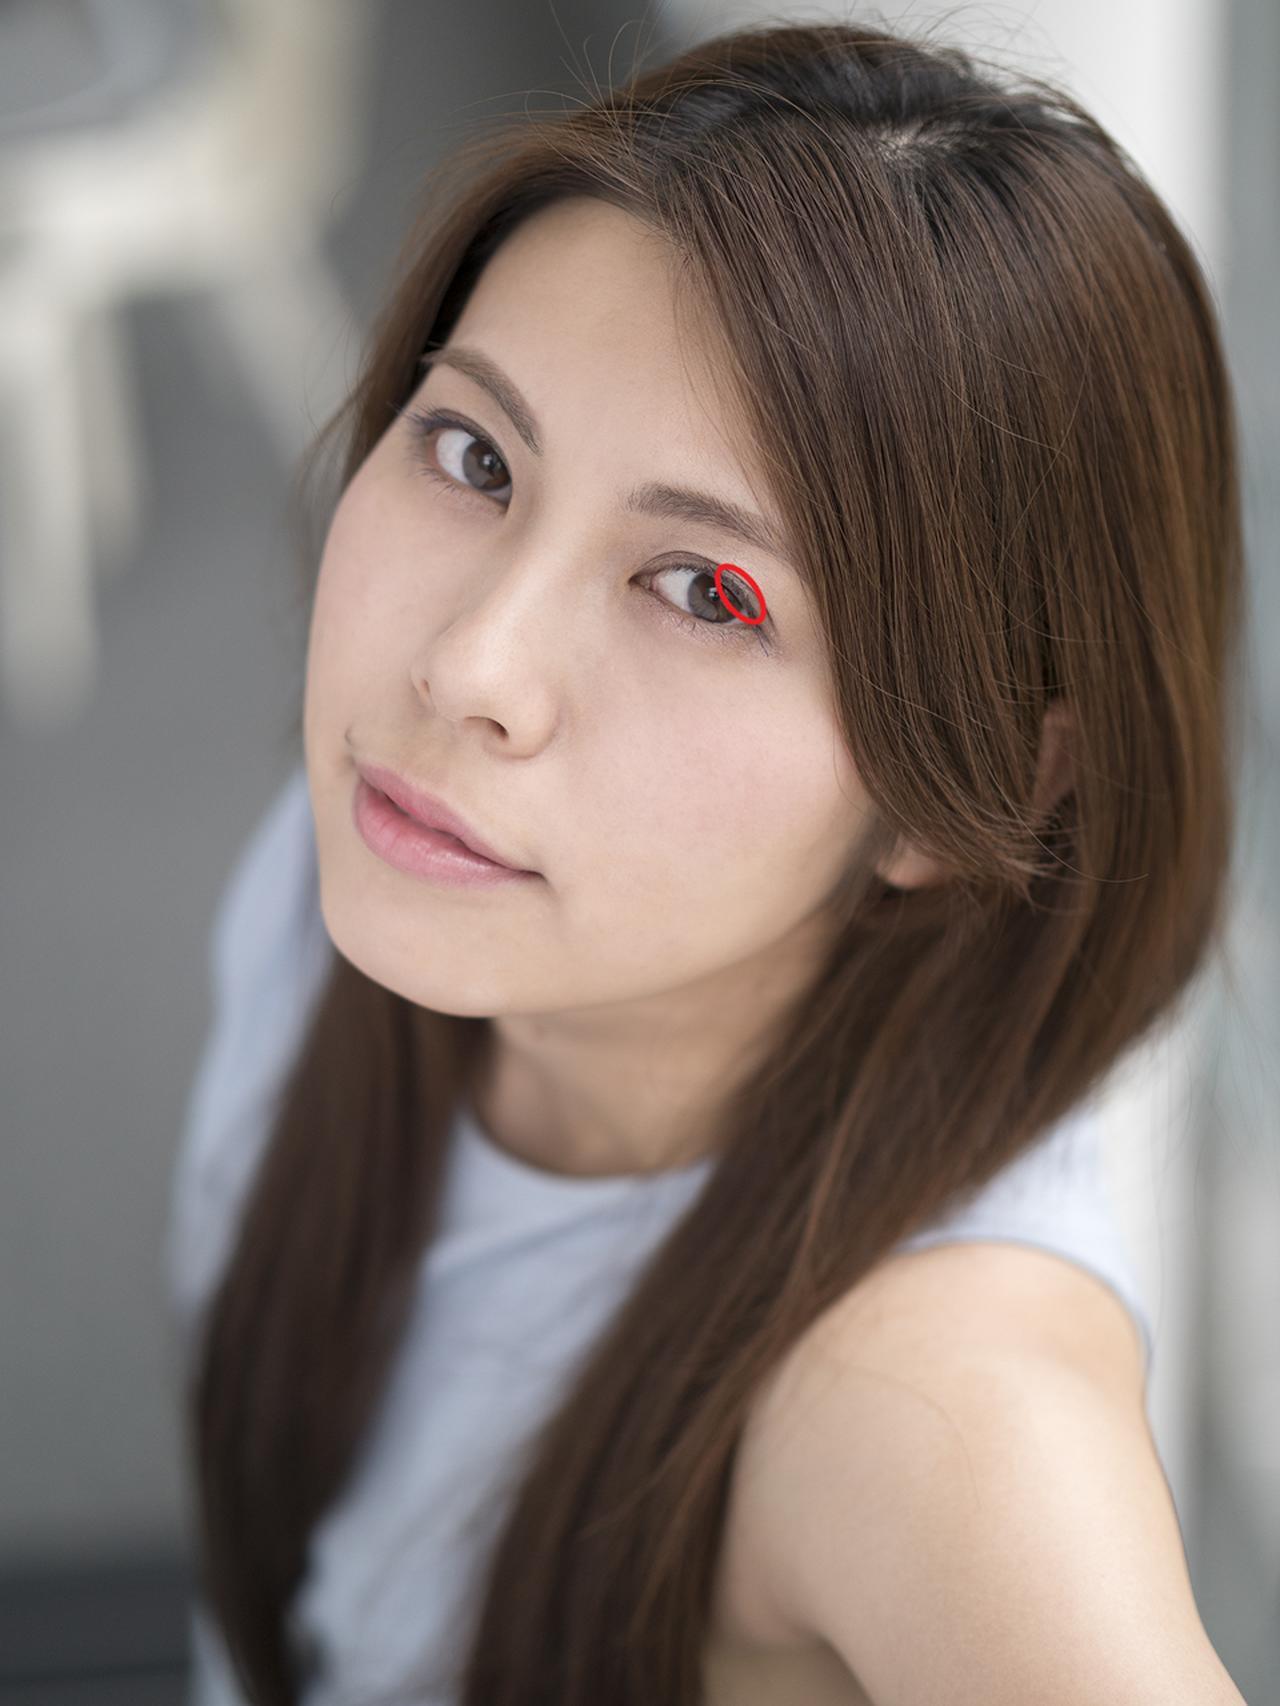 画像: 赤い丸で囲んだカメラに近いほうのモデルの左目の、上まつ毛の根元にピントを合わせています